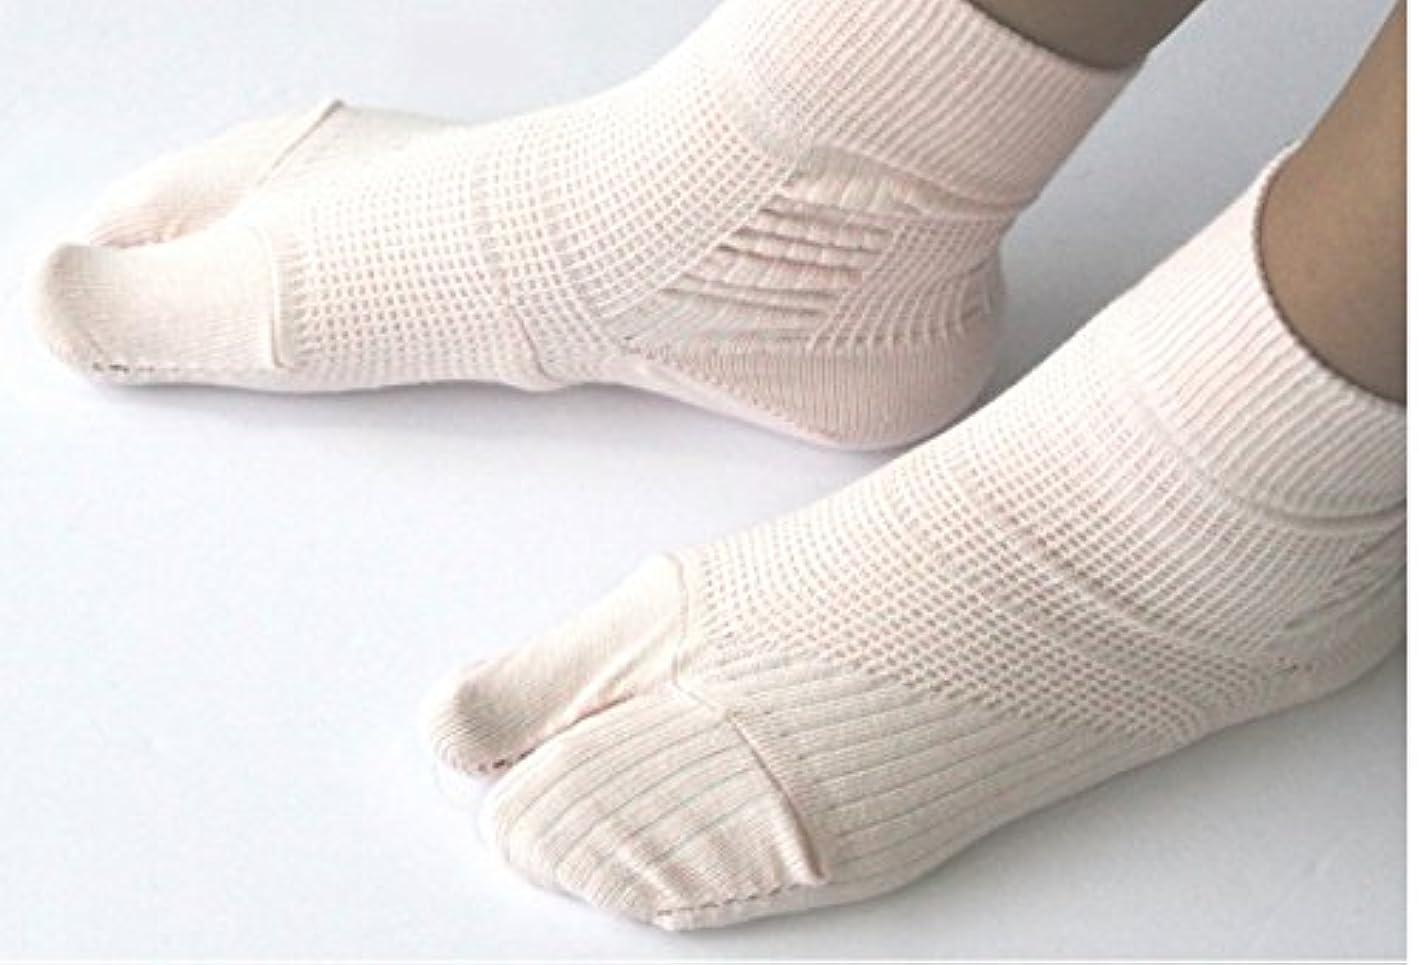 無効フルーツ野菜オアシス外反母趾対策靴下(通常タイプ) 着用後でもサイズ交換無料??着用後でも返品可